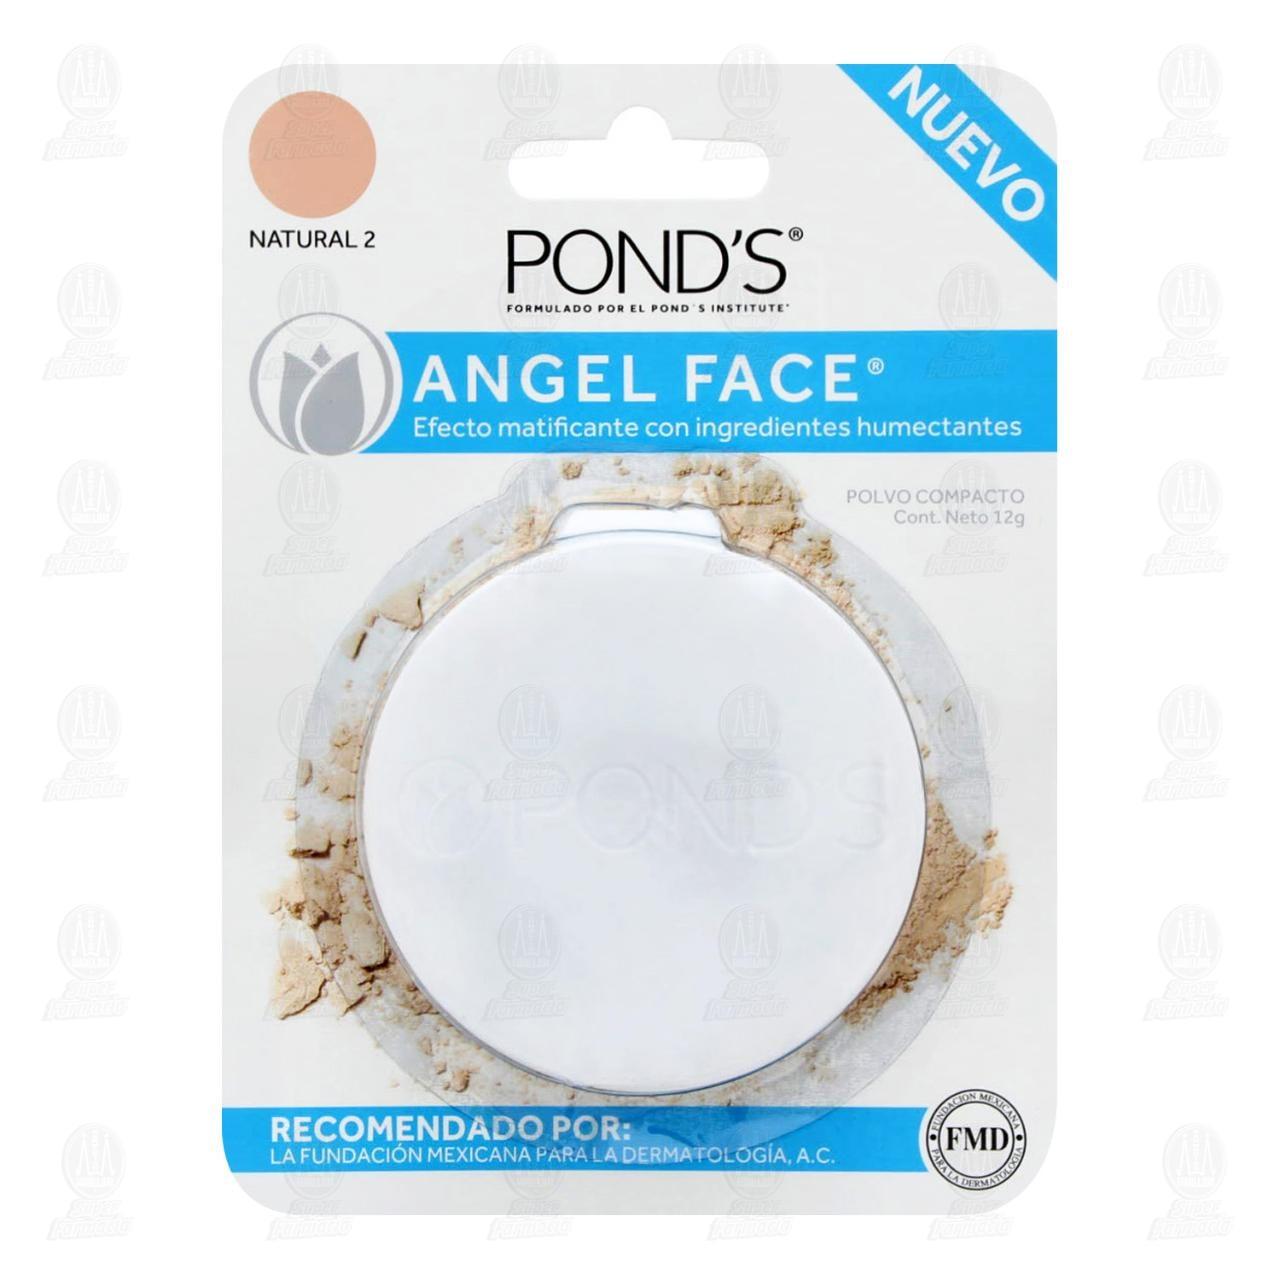 Maquillaje en Polvo Pond's Angel Face Color Natural 2, 12 gr.